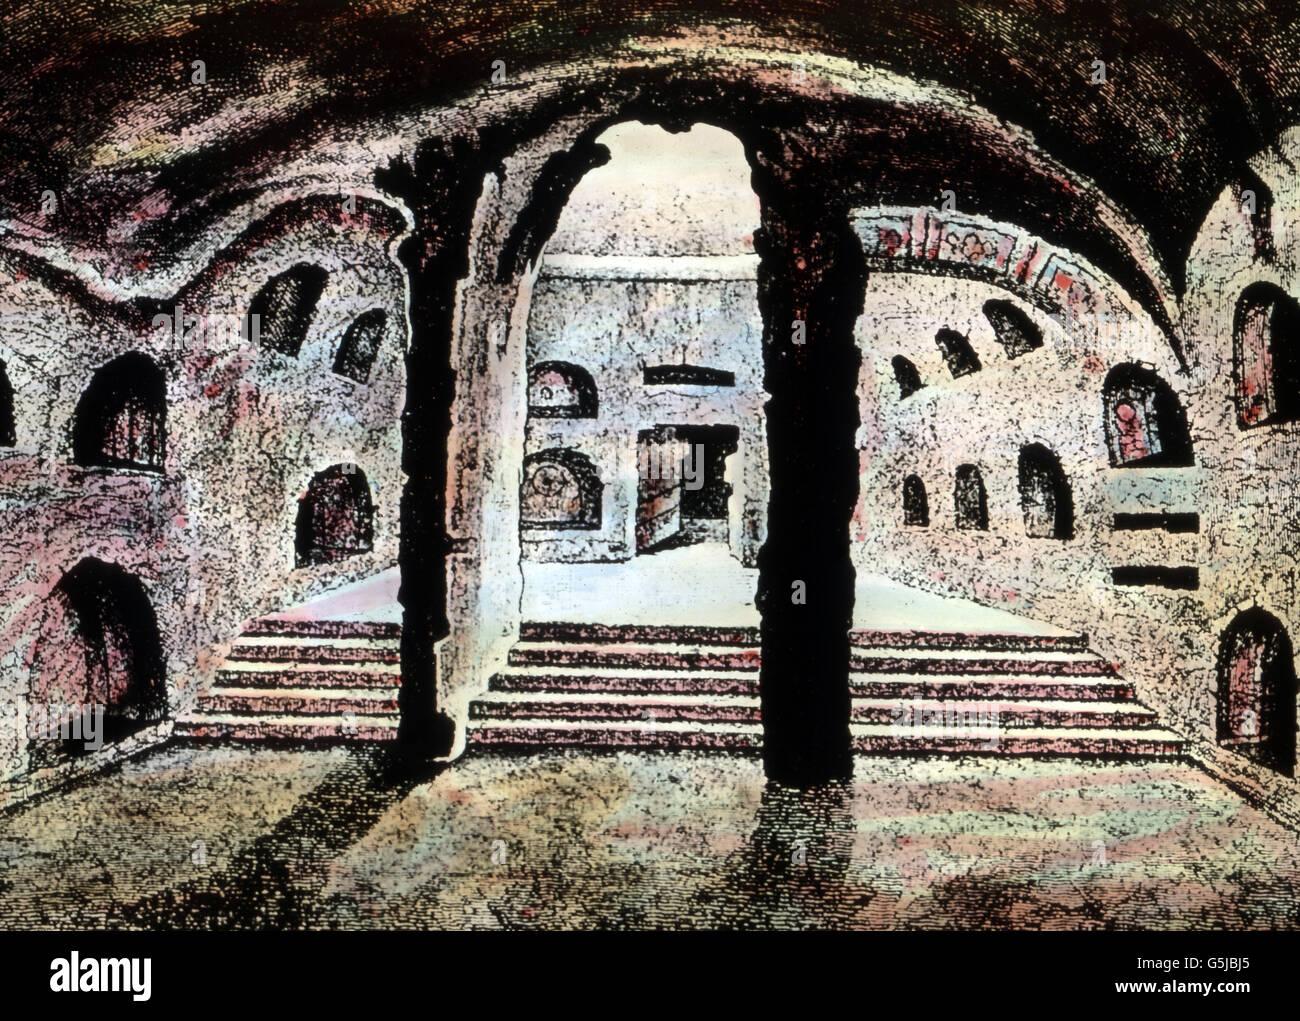 Dans den Katakomben bei Rom, Italie. Aux Catacombes près de Rome, Italie. Banque D'Images